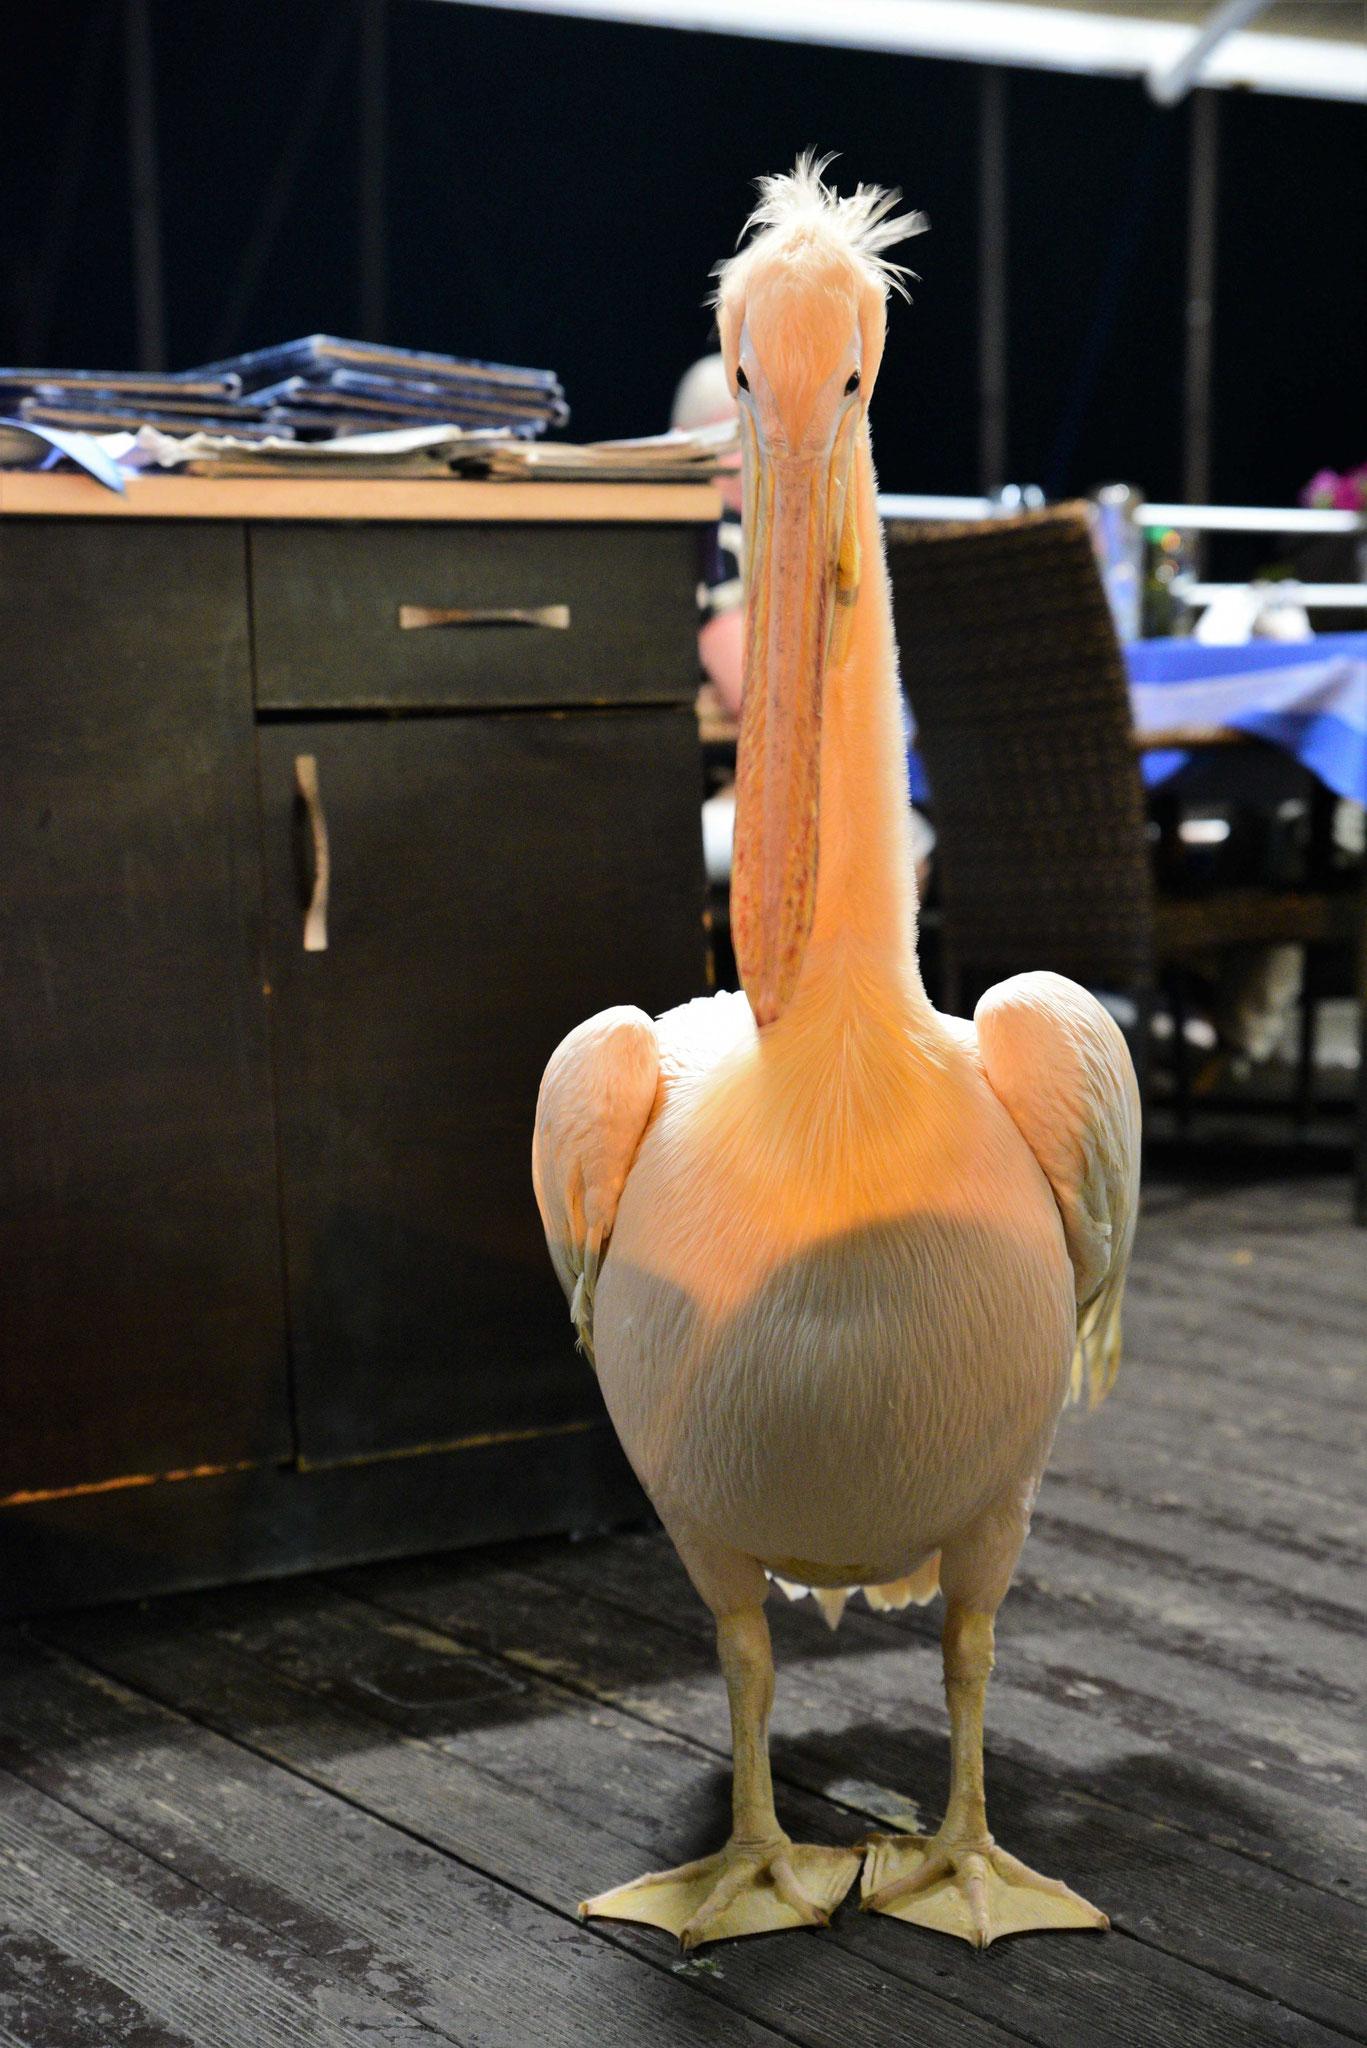 ... findet man auch einen Pelikan in einem Lokal